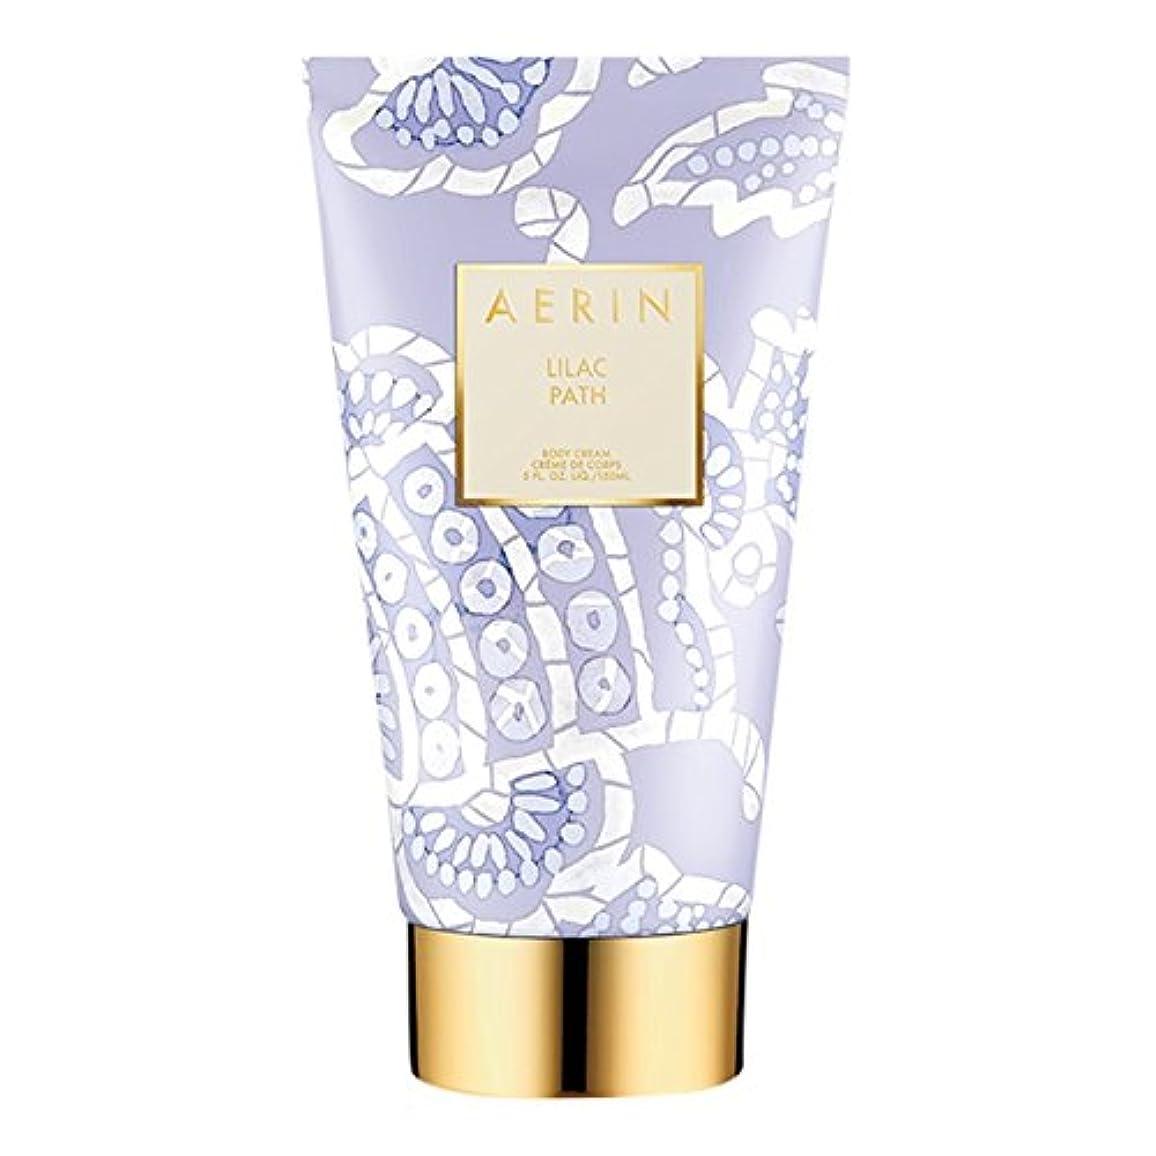 永久に競う禁止するAerinライラックパスボディクリーム150ミリリットル (AERIN) (x2) - AERIN Lilac Path Body Cream 150ml (Pack of 2) [並行輸入品]